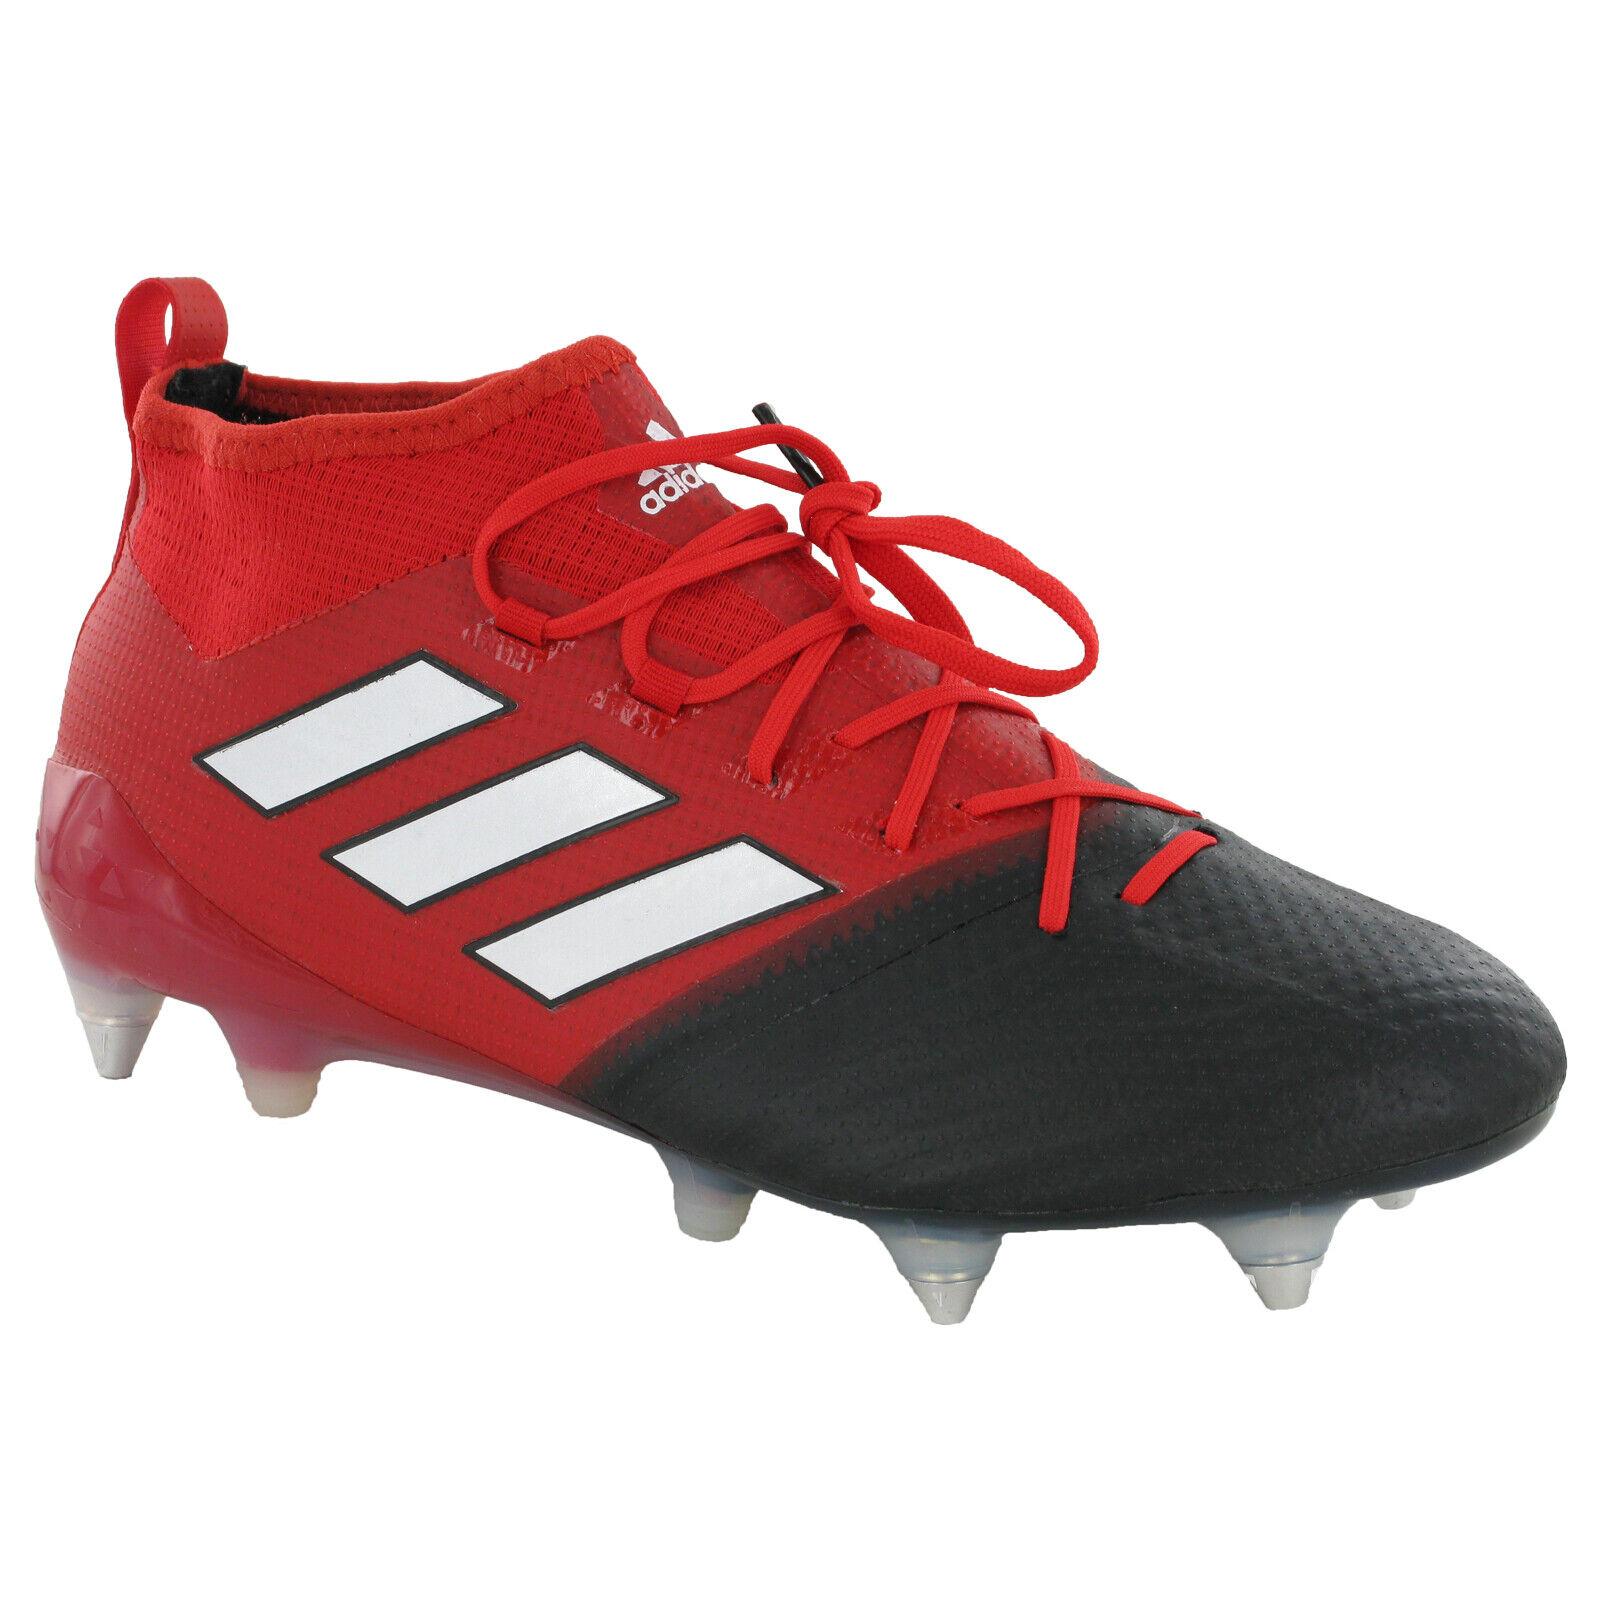 Adidas ACE 17.1 PRIMEKNIT SG Football botas Mens Studded Soccer Cleats BA9188